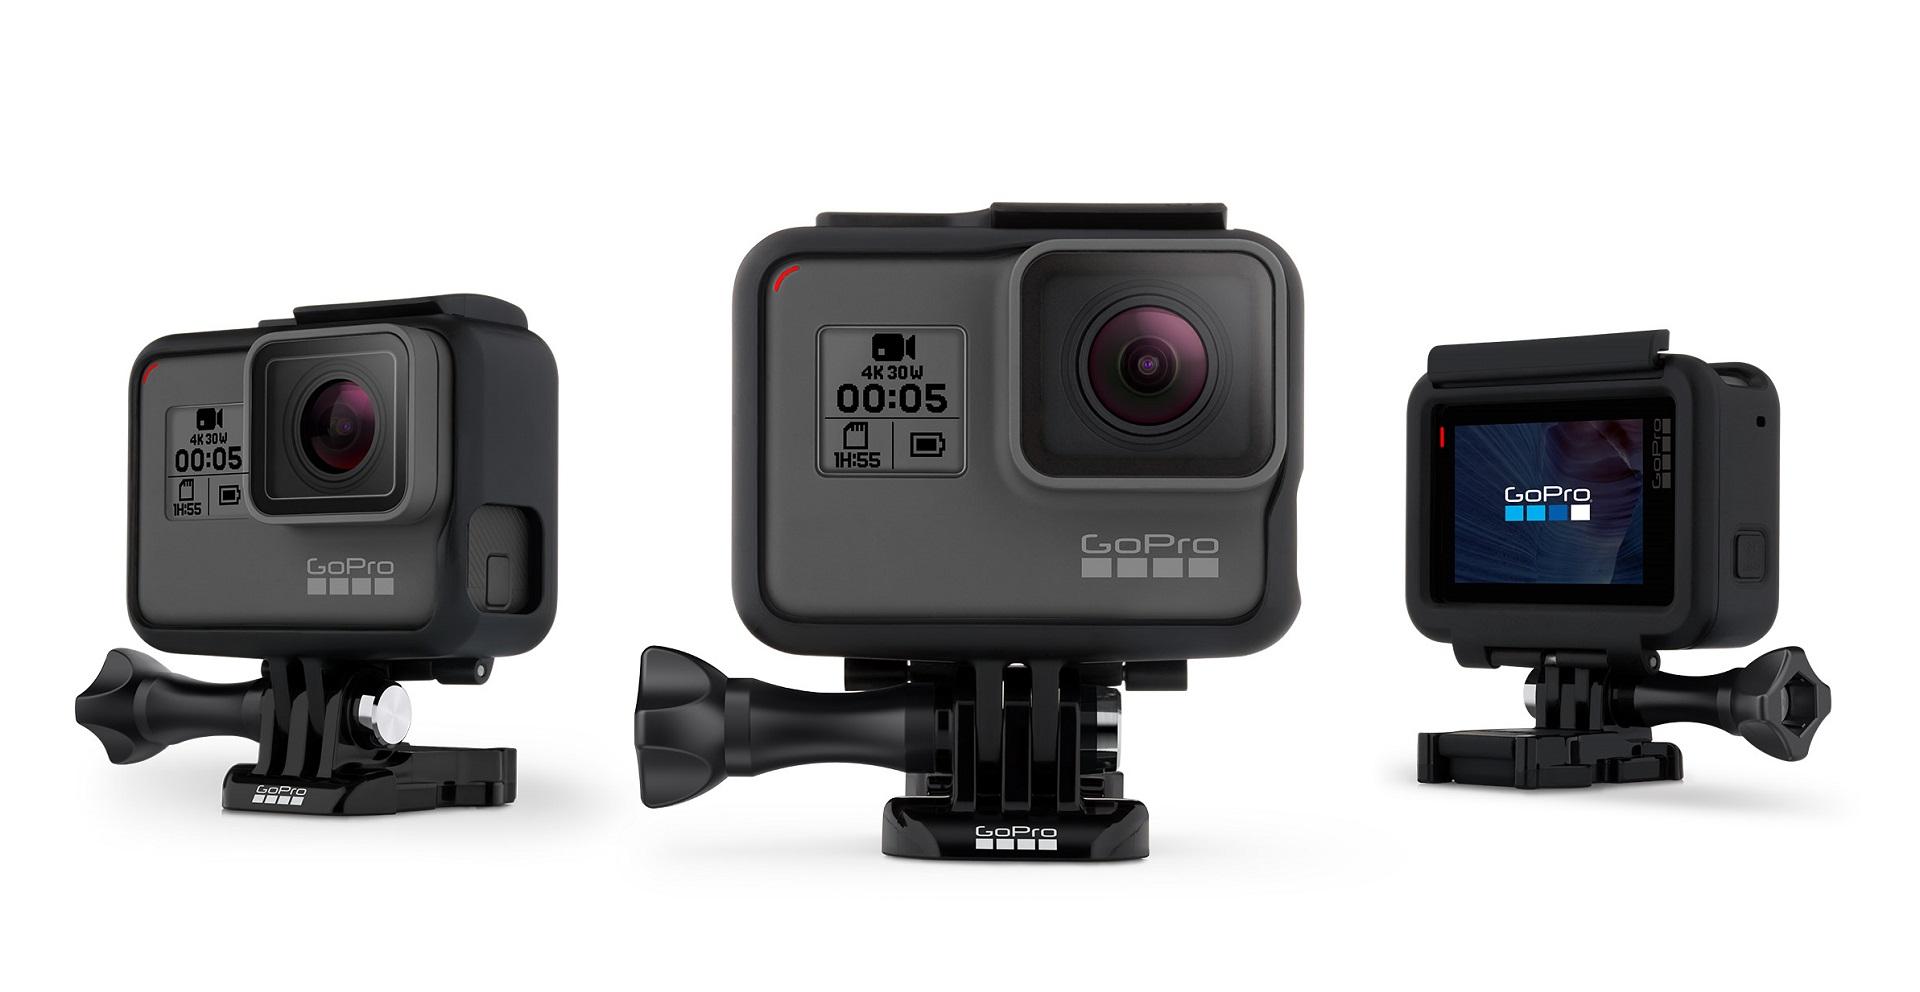 migliori droni per gopro-gopro droni-drone gopro-drone gopro hero 6